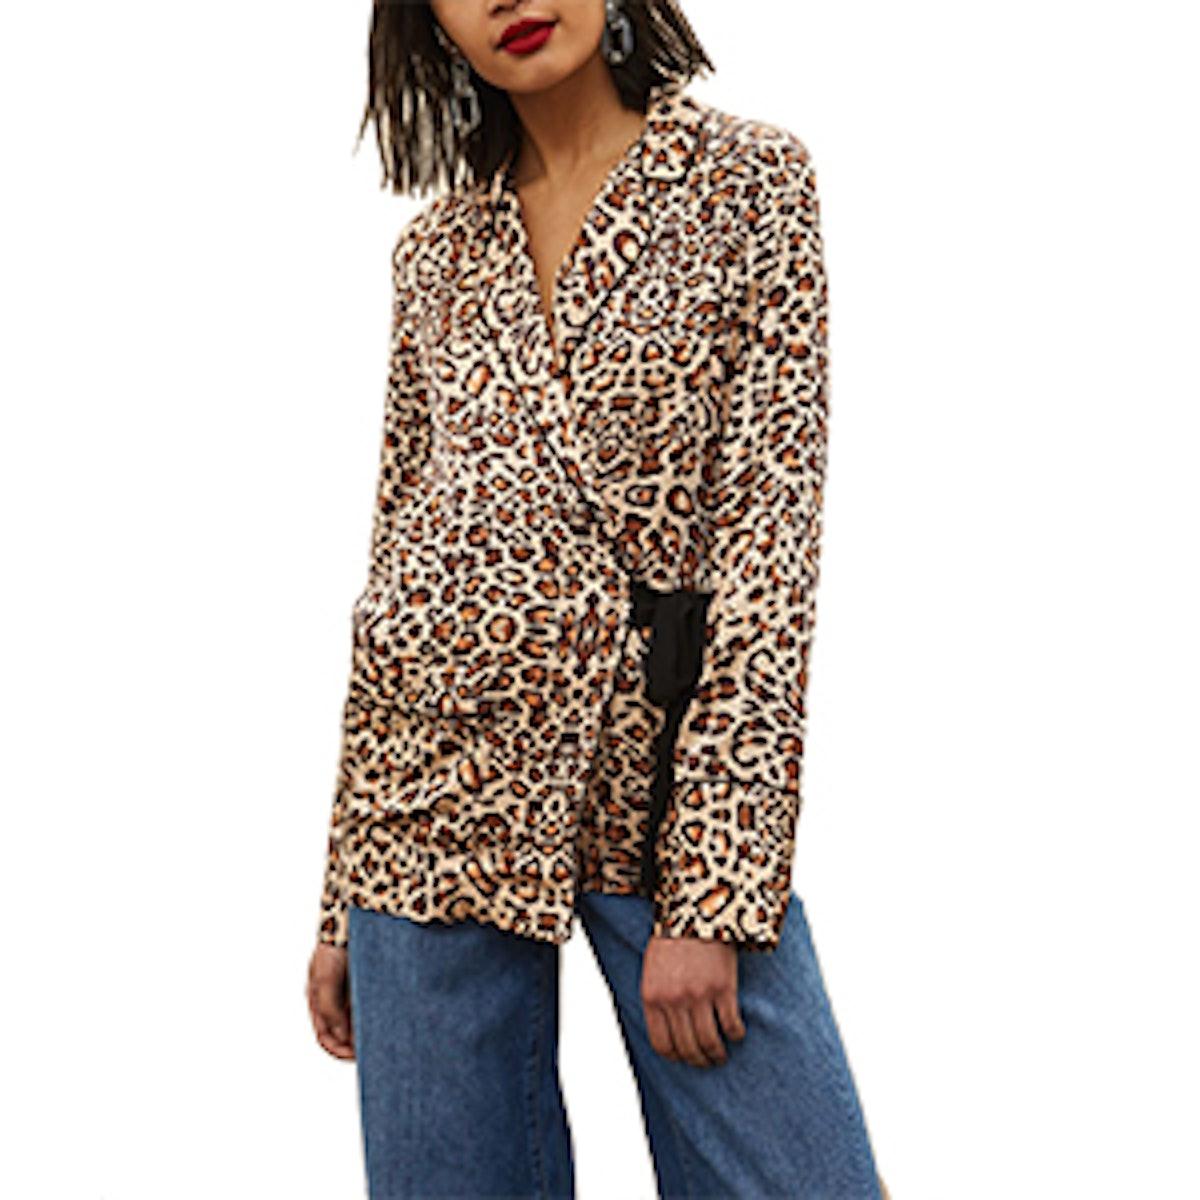 Animal Print Wrap Pyjama Shirt